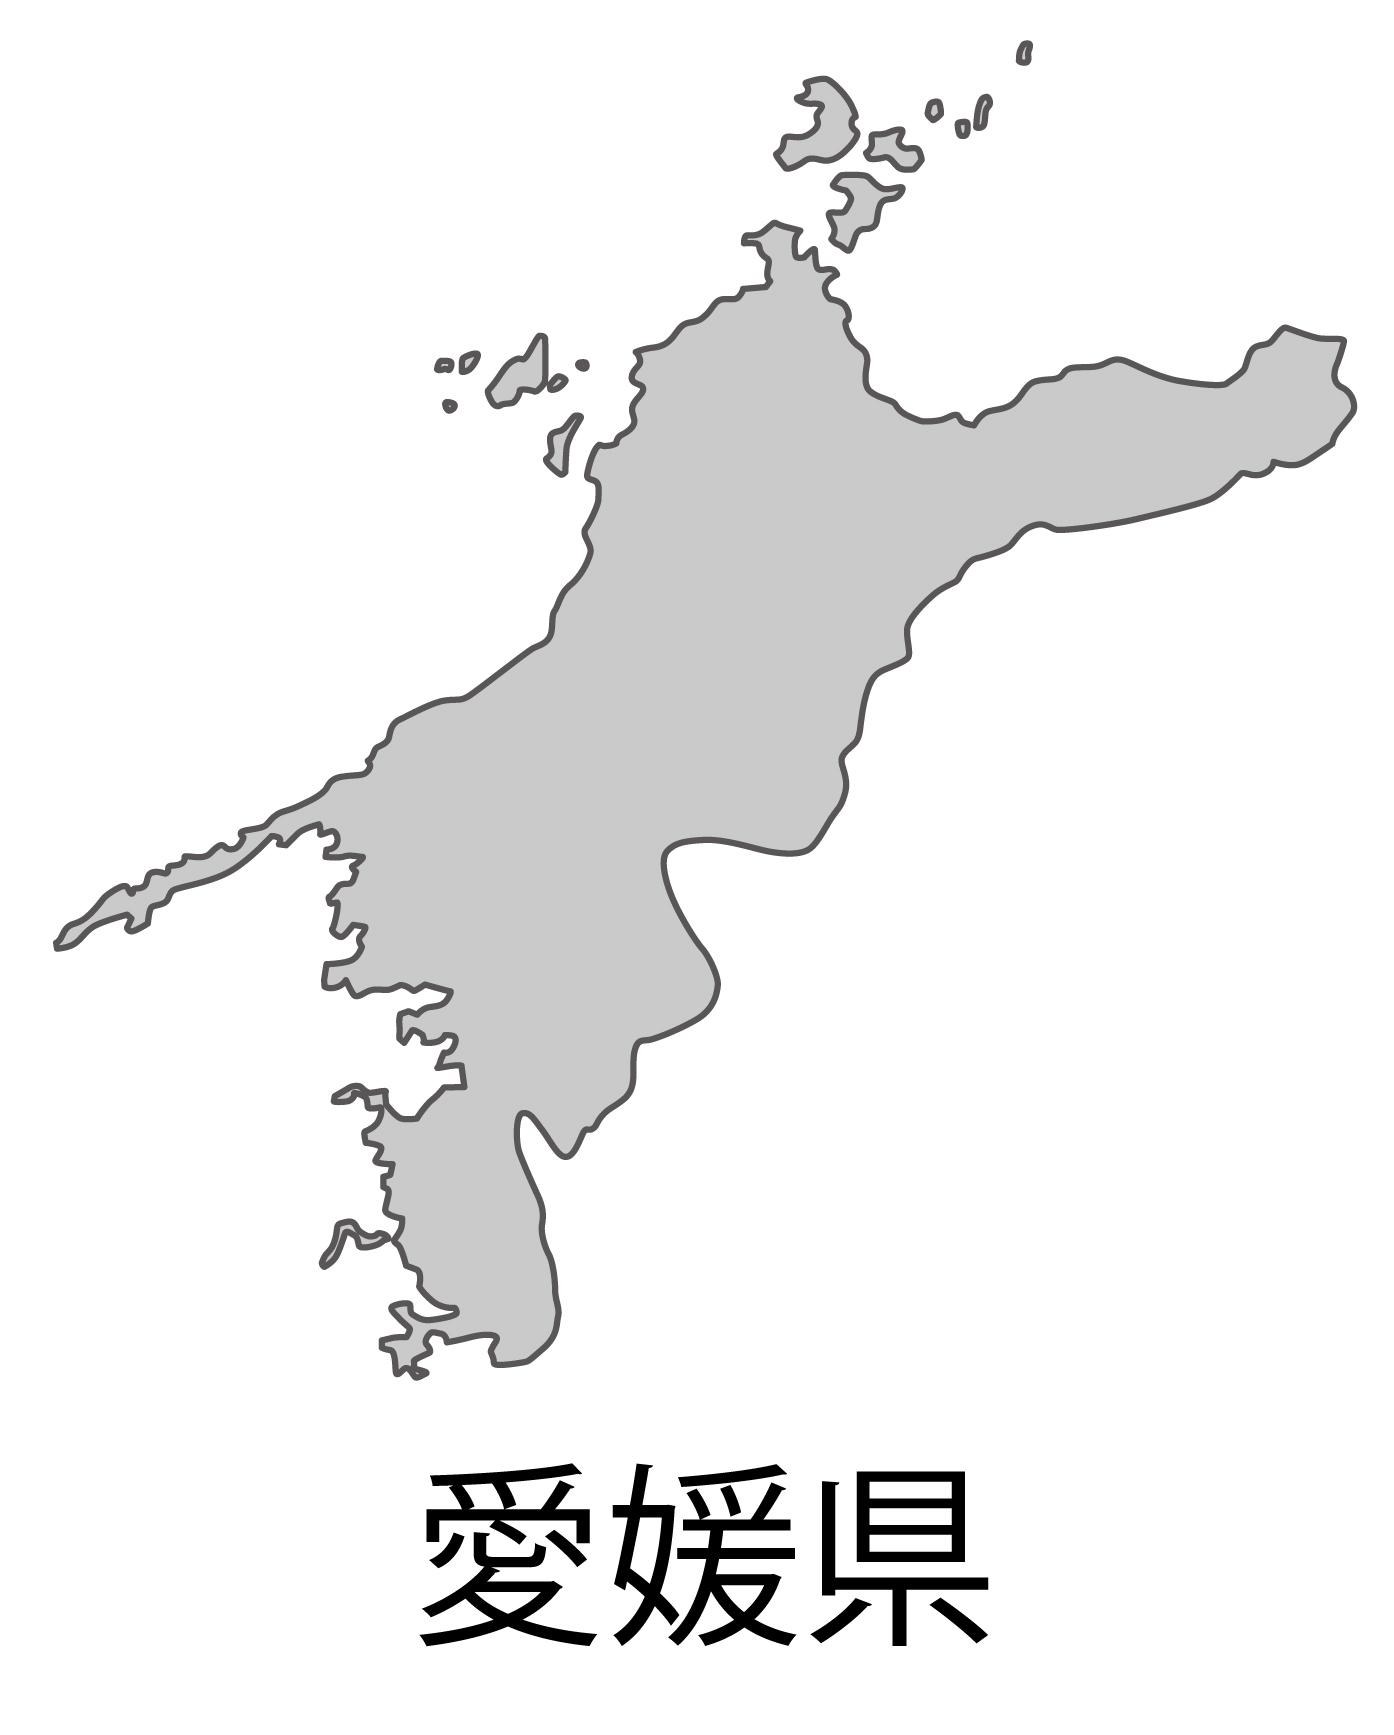 愛媛県無料フリーイラスト|日本語・都道府県名あり(グレー)